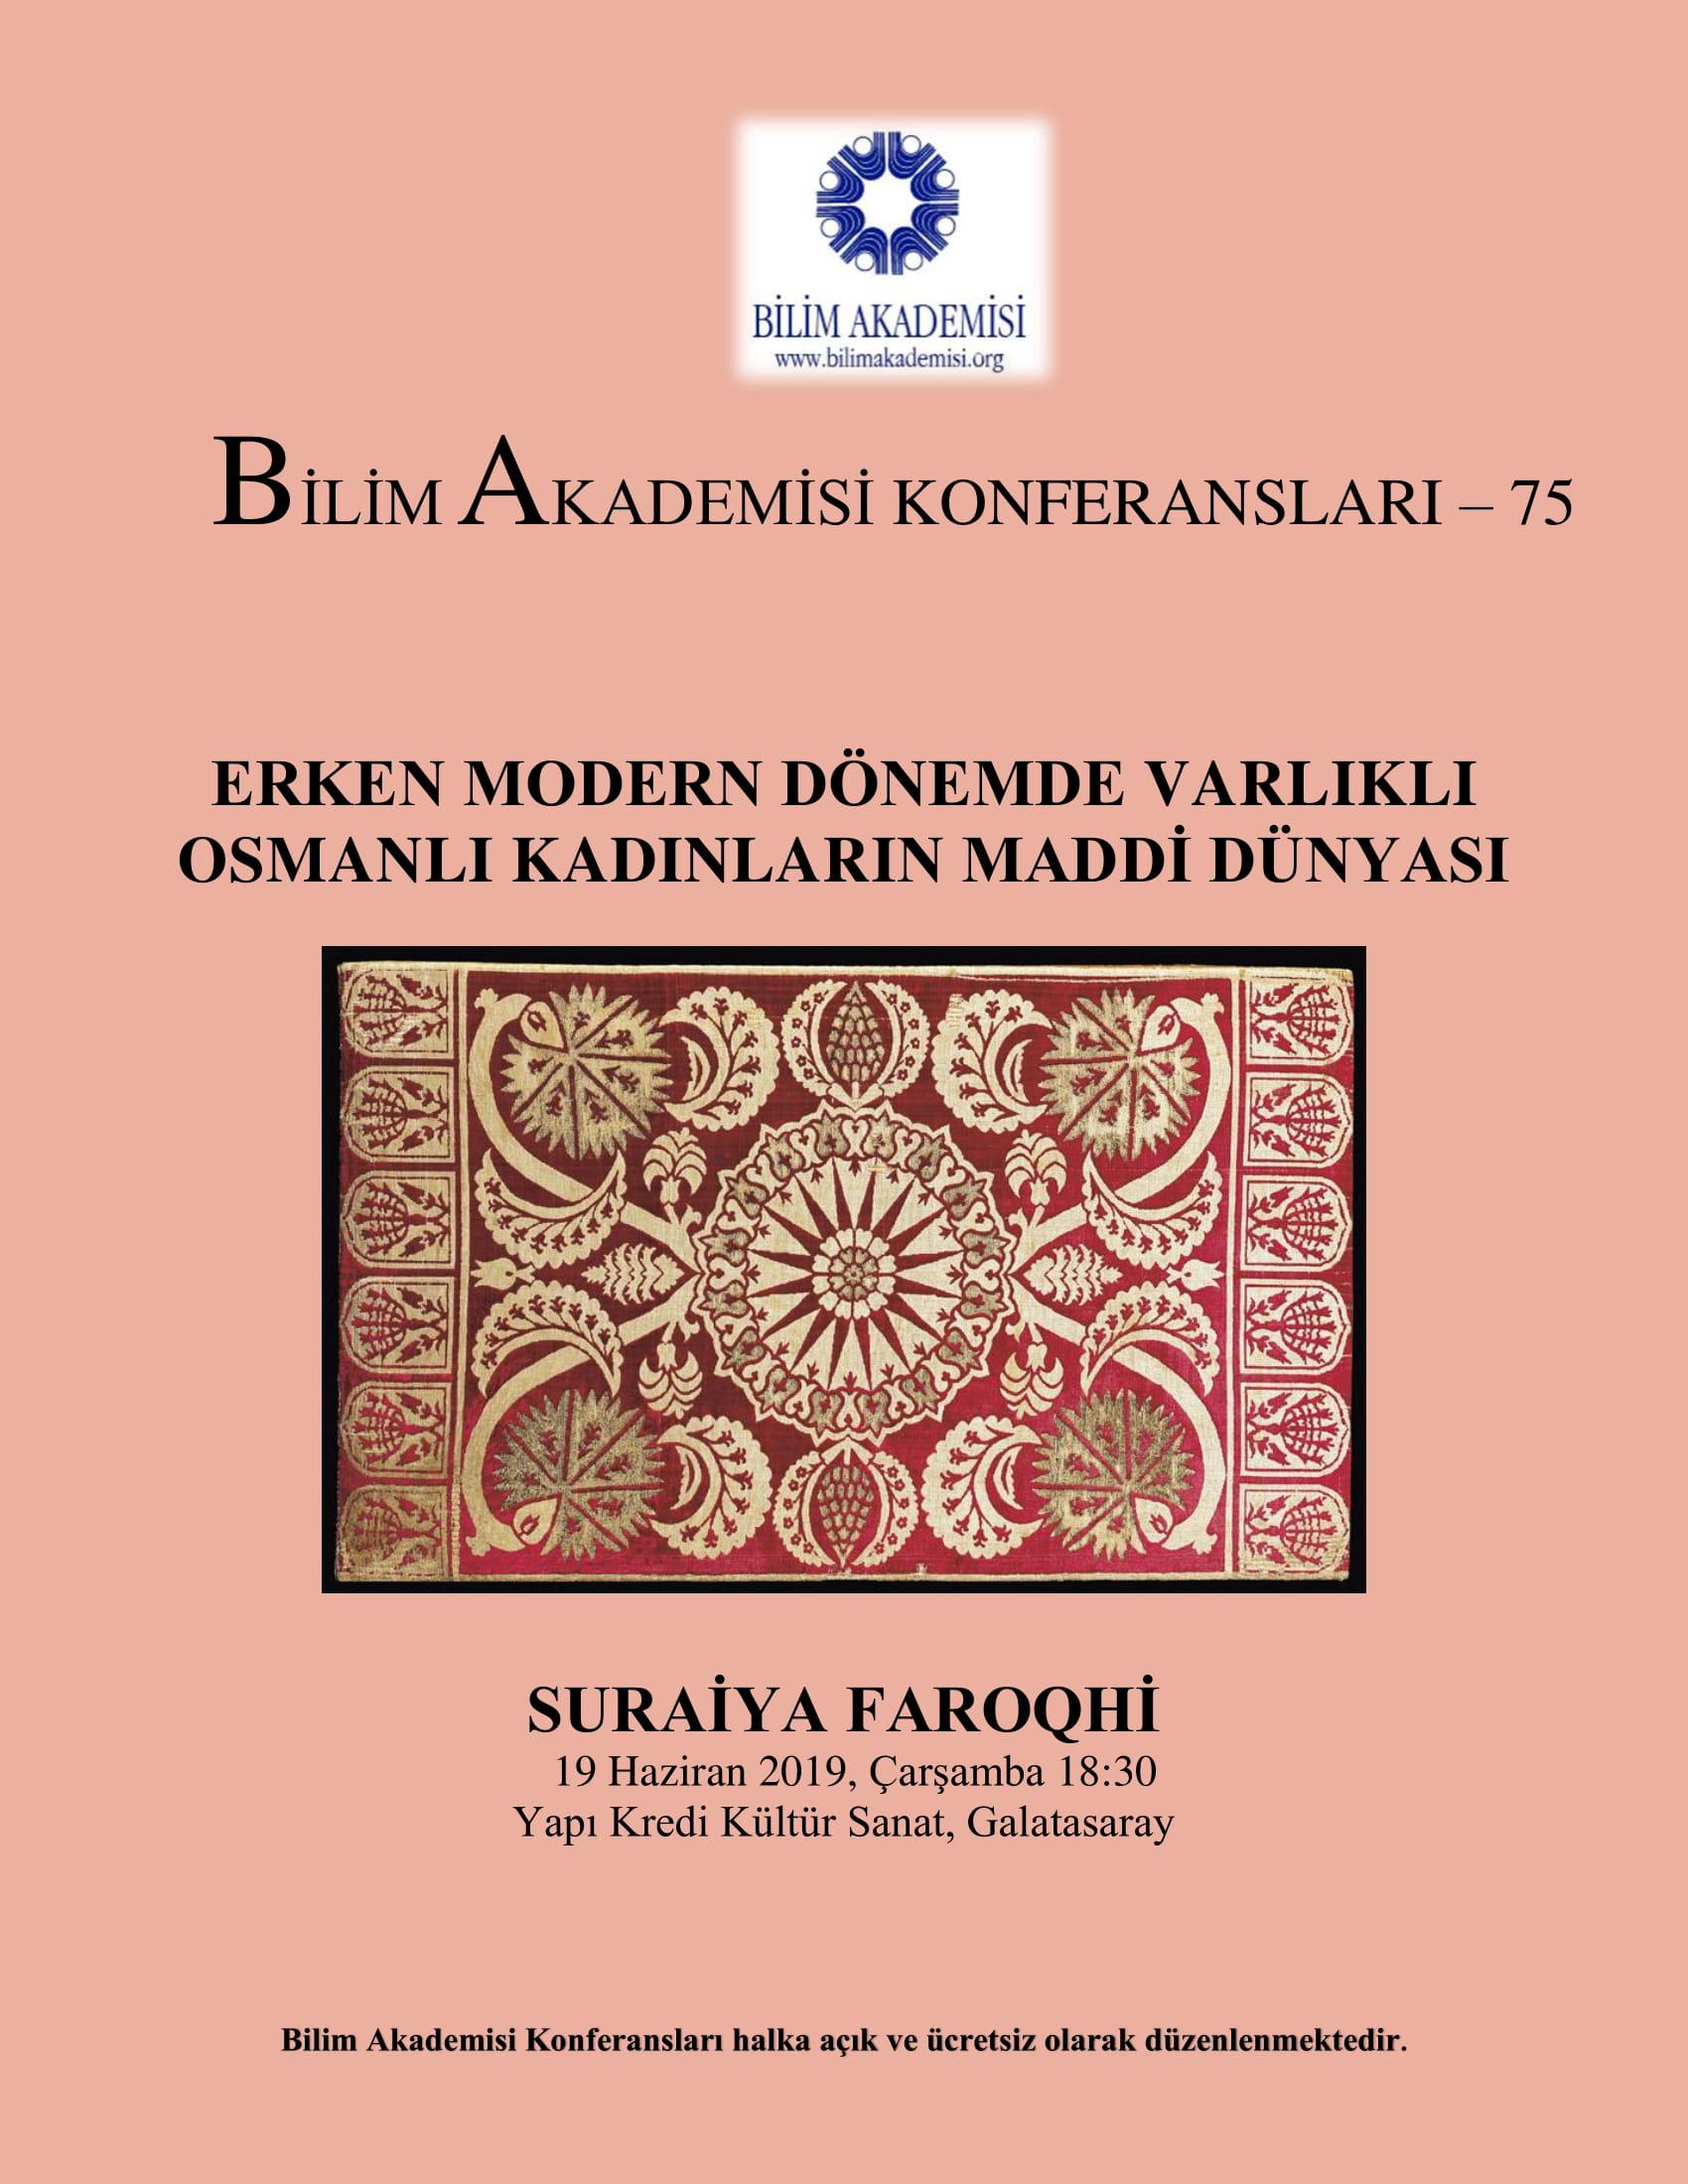 Erken Modern Dönemde Varlıklı Osmanlı Kadınların Maddi Dünyası - Konuşmacı : Suraiya Faroqhi